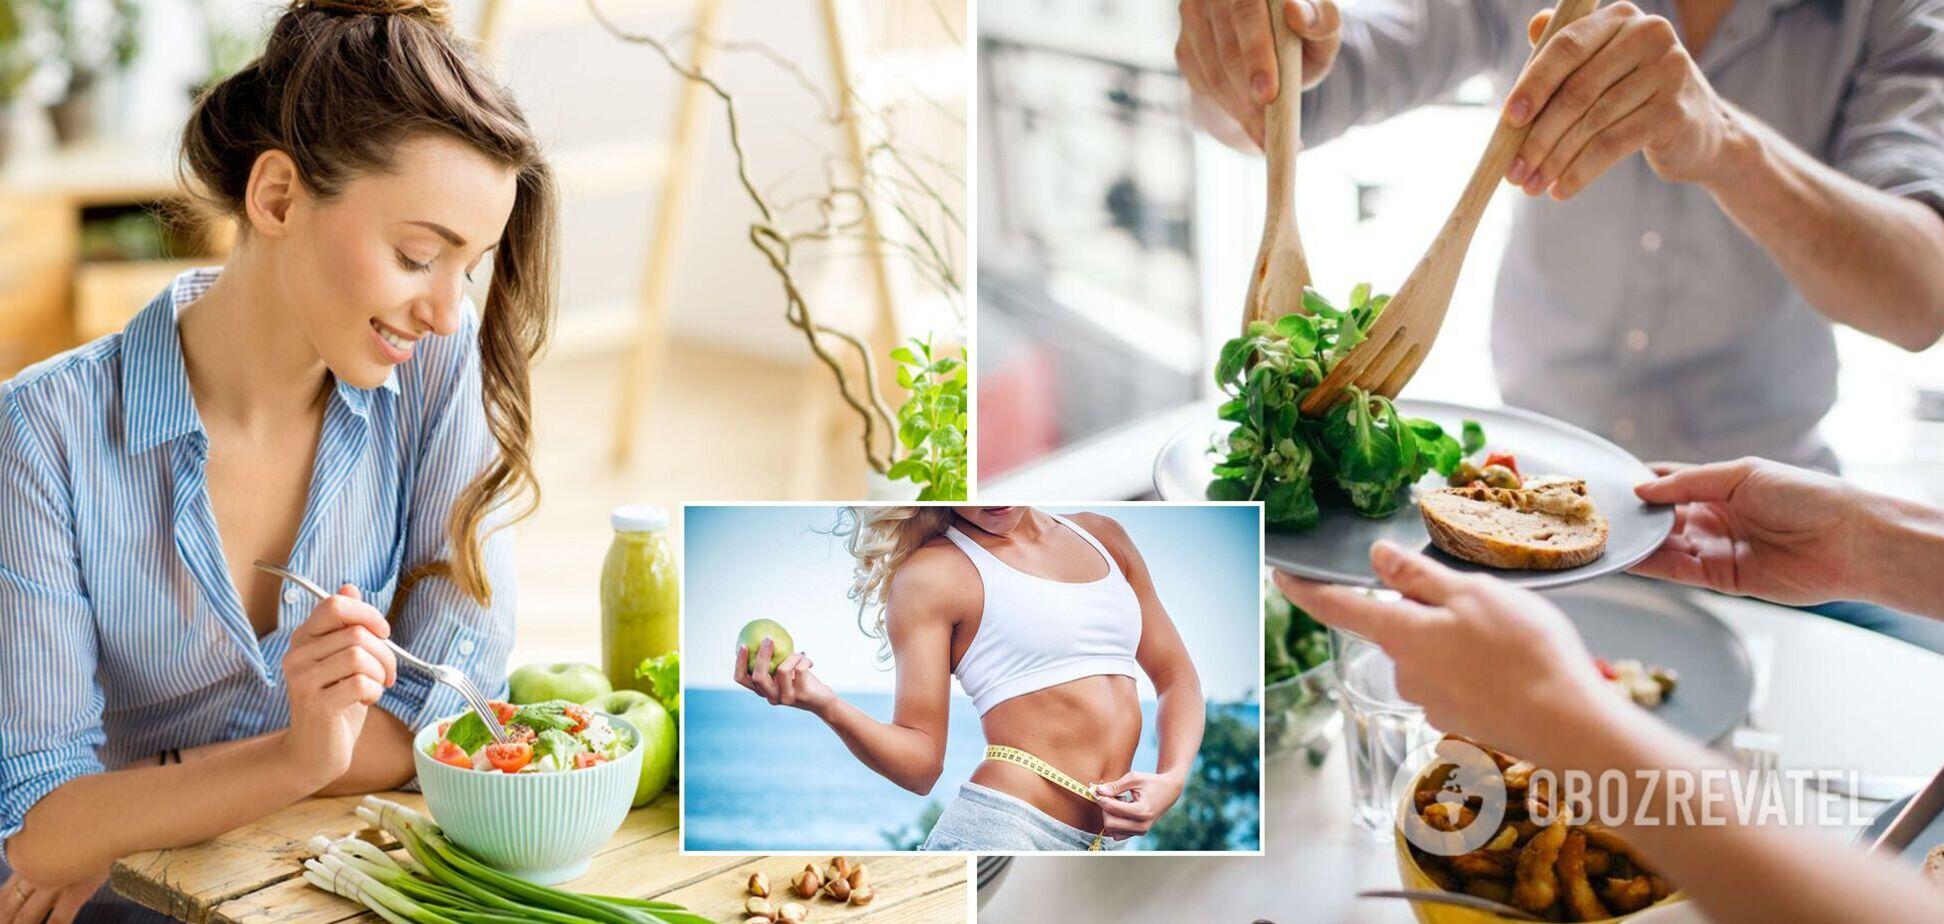 Як схуднути до літа: поради і лайфхаки від дієтологів